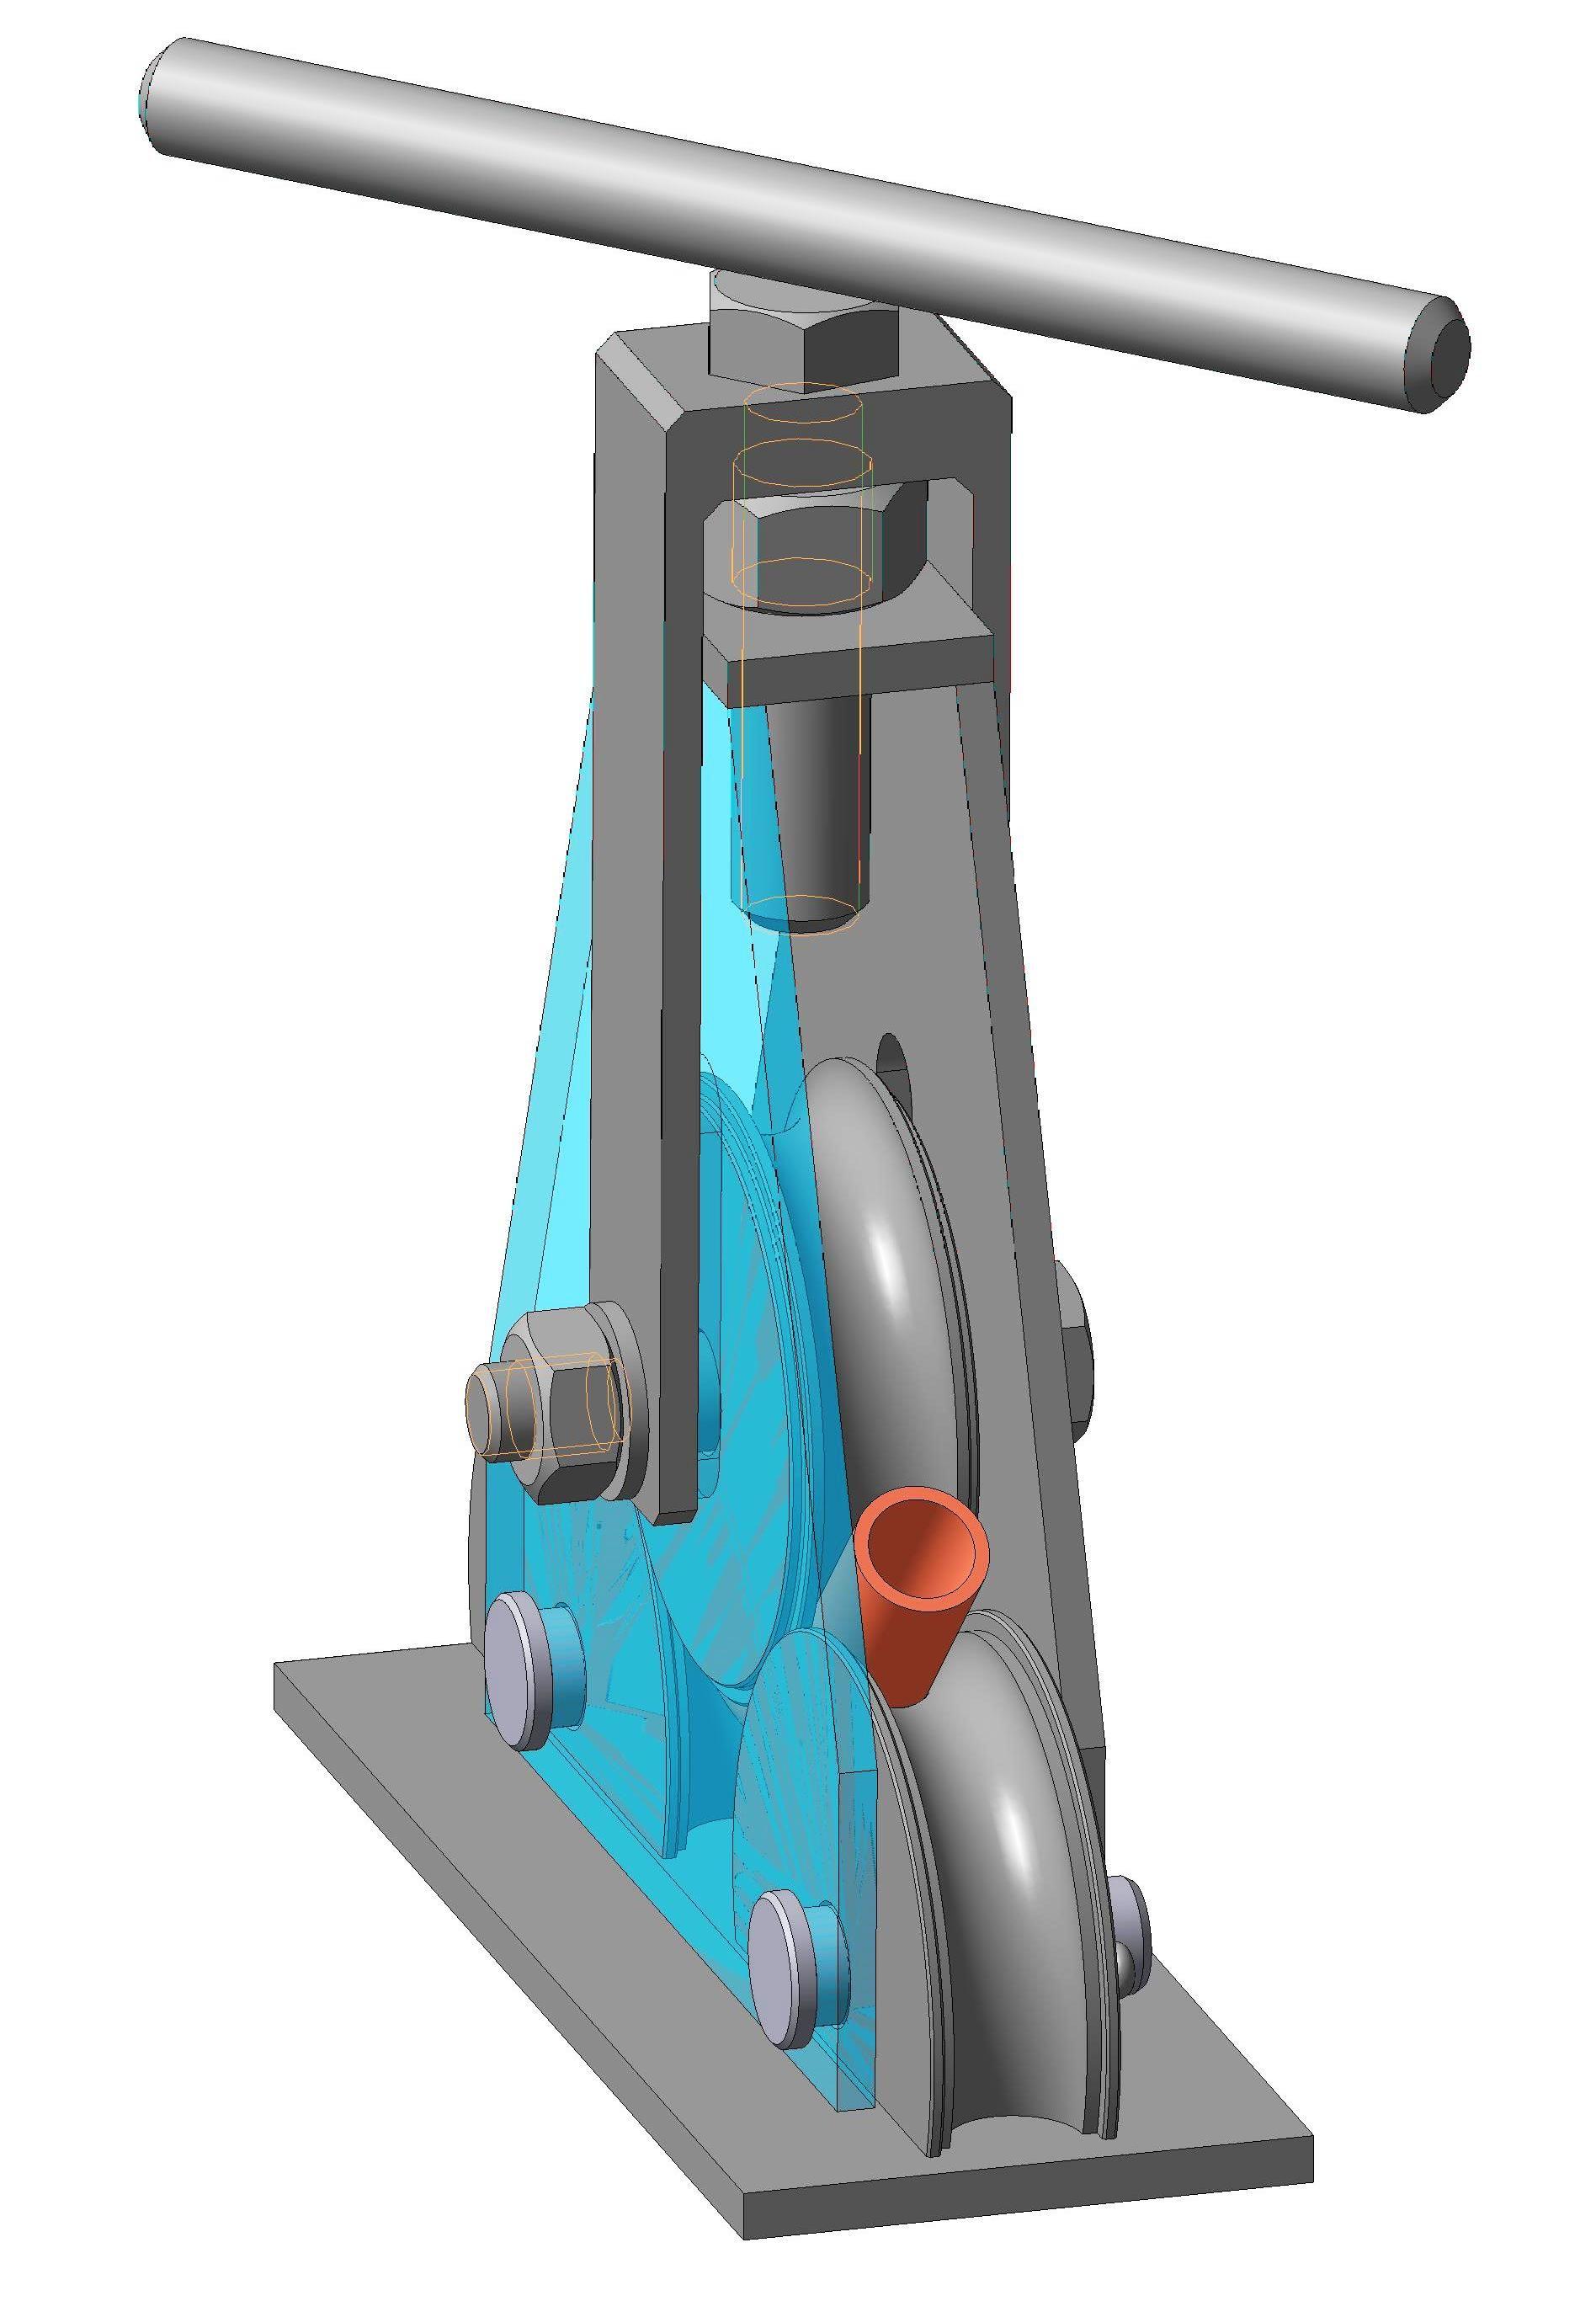 <p>Трубогиб — приспособление, позволяющее аккуратно согнуть тонкостенную трубу с определенным радиусом гиба</p>